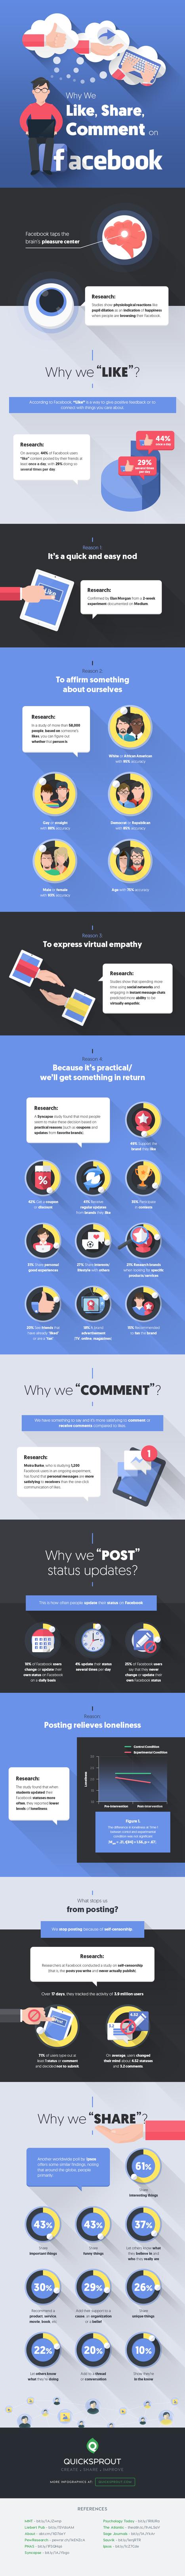 Pourquoi les internautes donnent des Like et commentent sur #Facebook ? [Infographie] #SMO | L'E-Réputation | Scoop.it